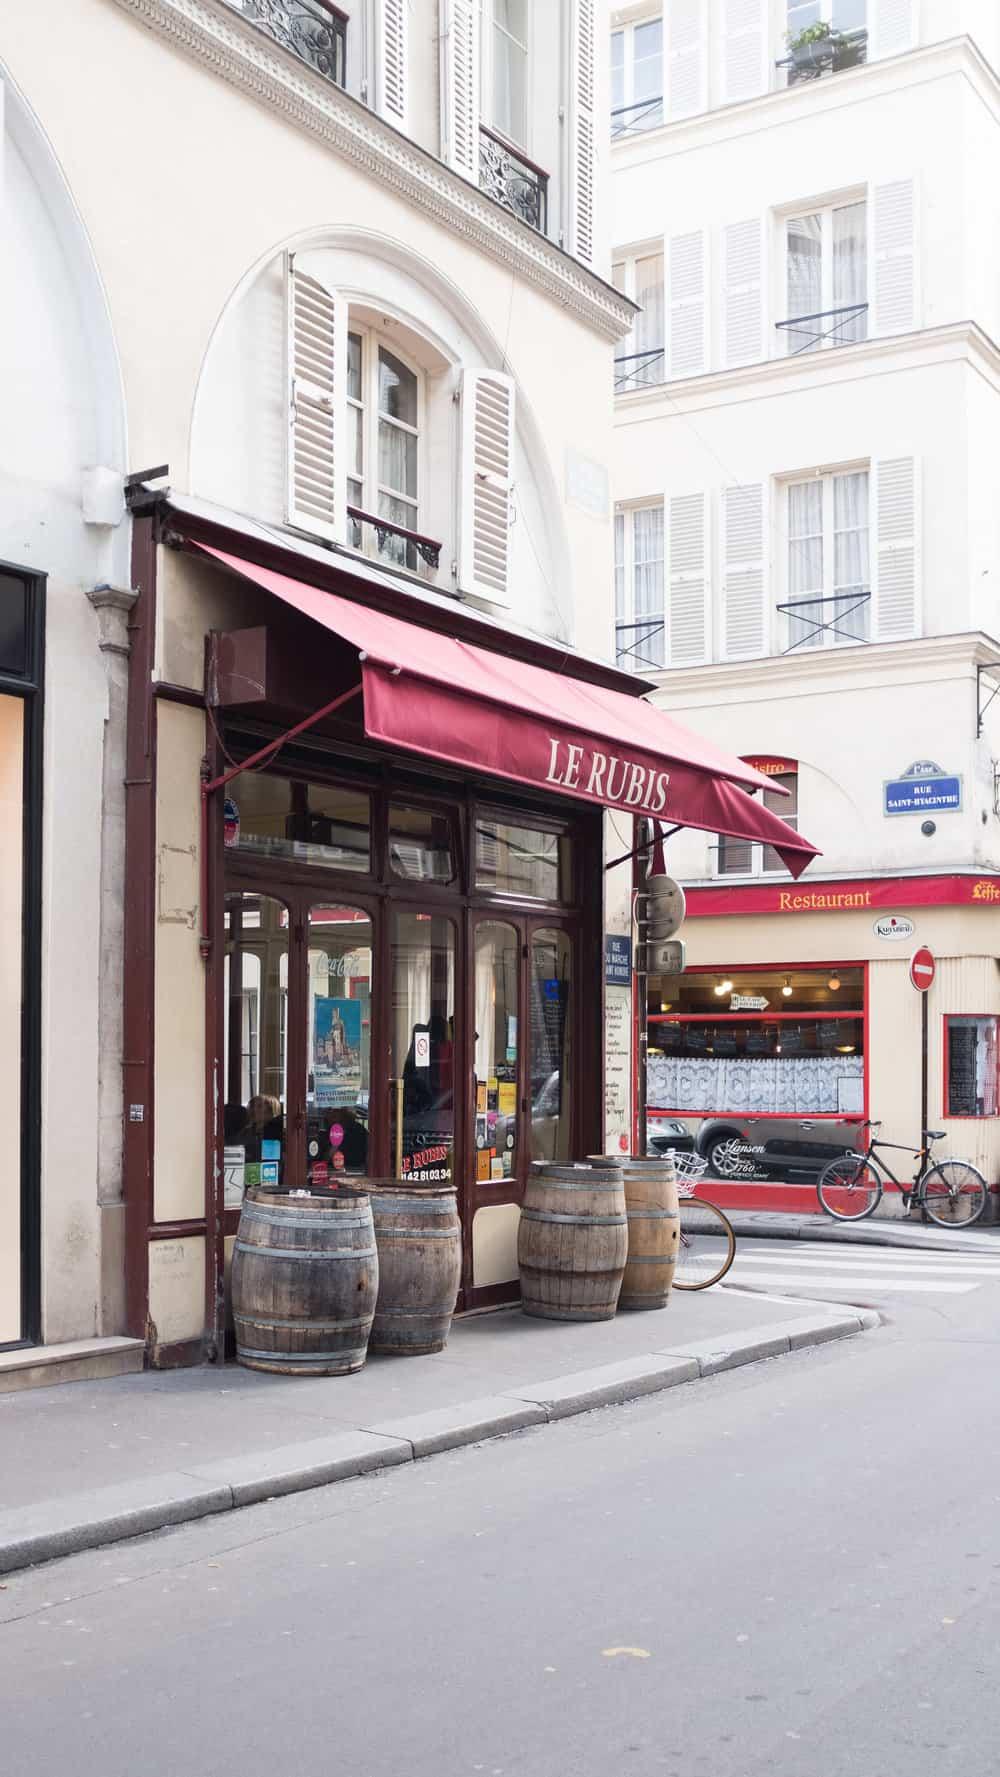 le rubis paris france wine bar